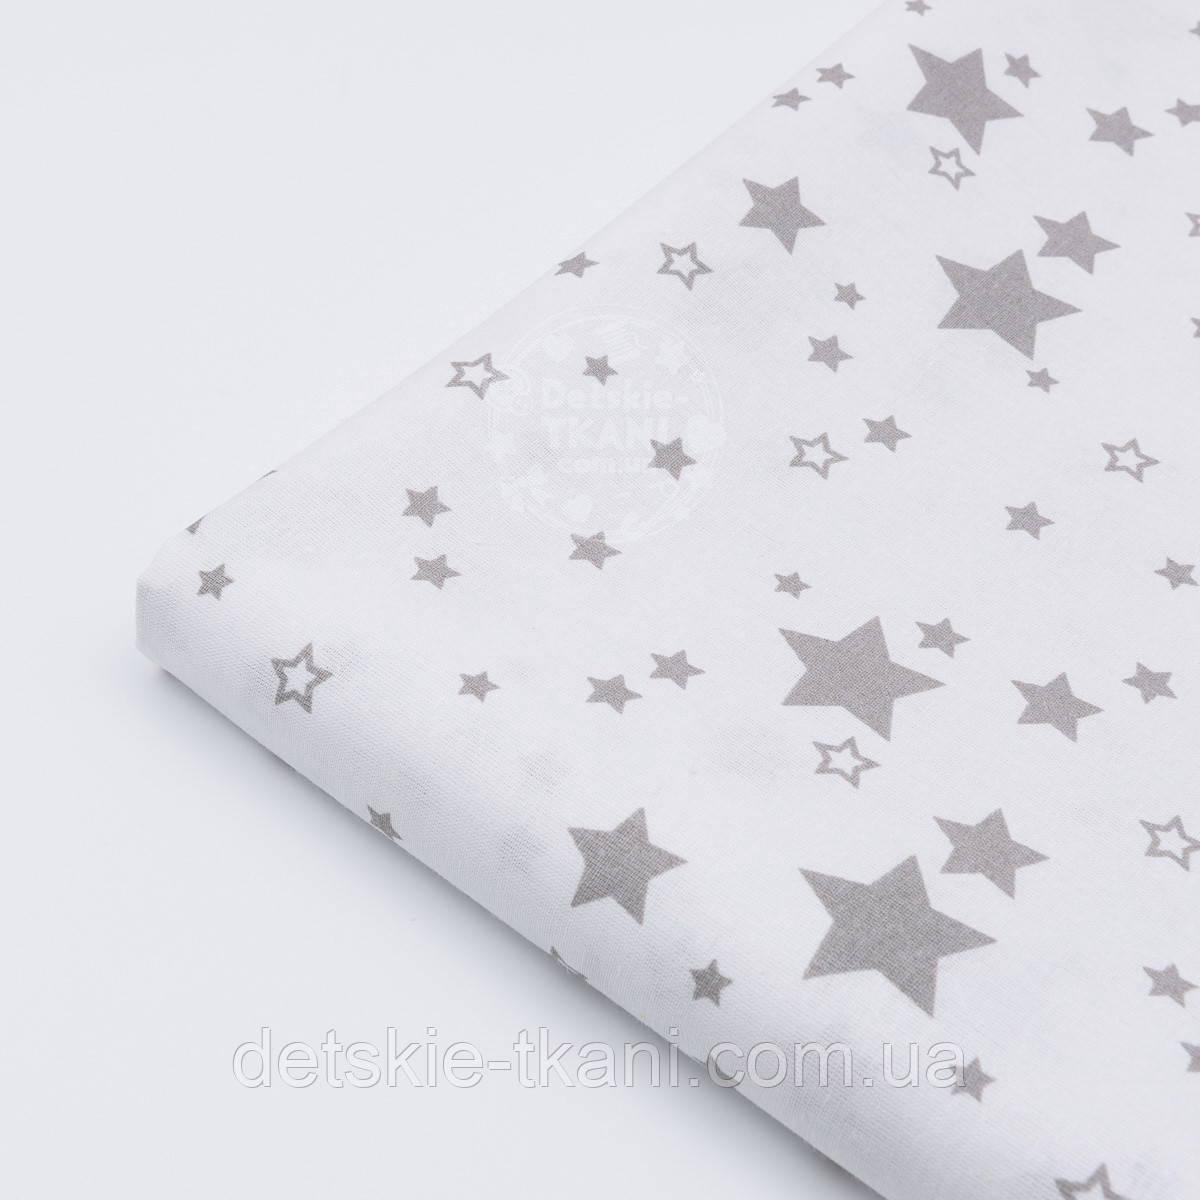 """Лоскут ткани """"Мини галактика"""" серая на белом фоне № 1460, размер 33*70 см   см"""